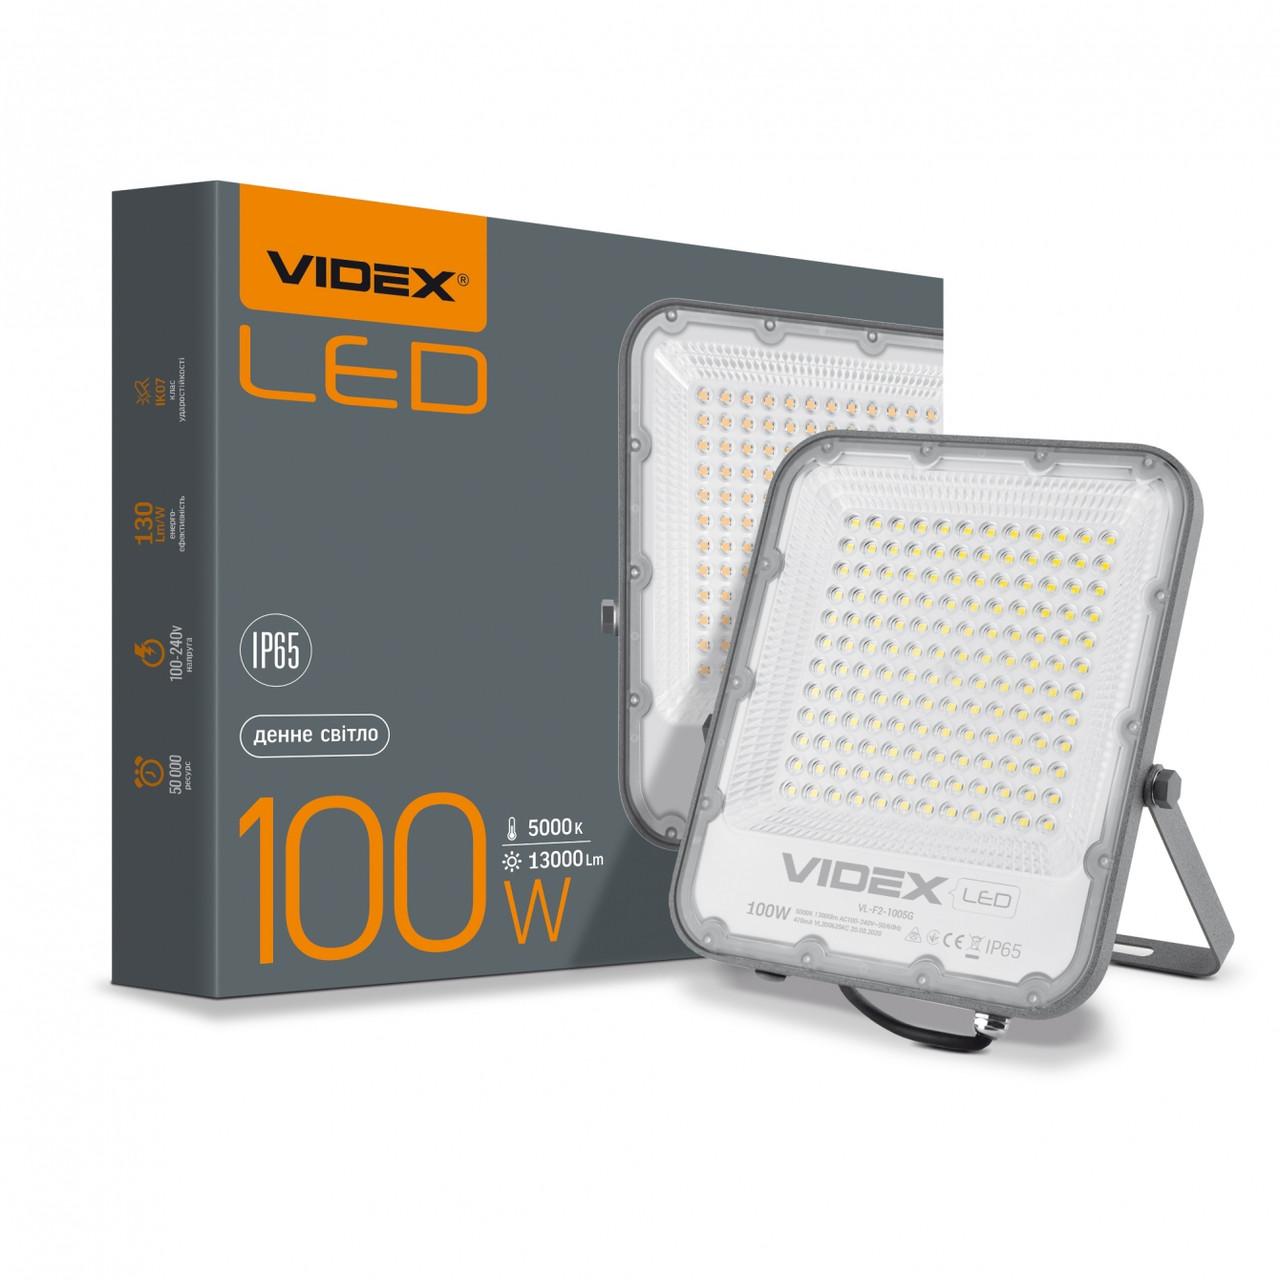 LED прожектор VIDEX PREMIUM 100W 5000K 220V Gray VL-F2-1005G 25959